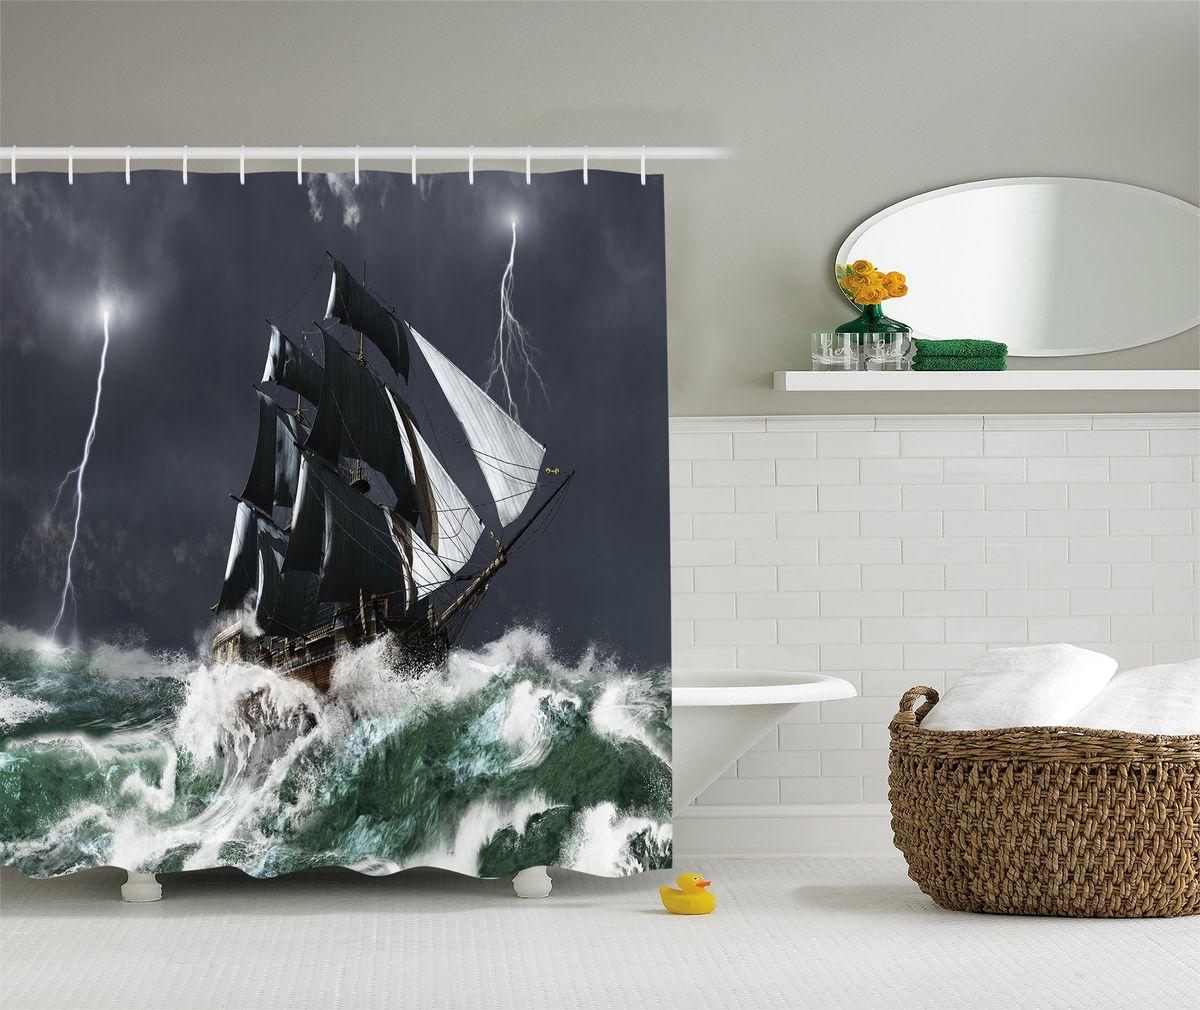 Штора для ванной комнаты Magic Lady Корабль в бурном море, 180 х 200 см штора для ванной комнаты magic lady дерево в волшебном лесу цвет коричневый оранжевый 180 х 200 см href page 1